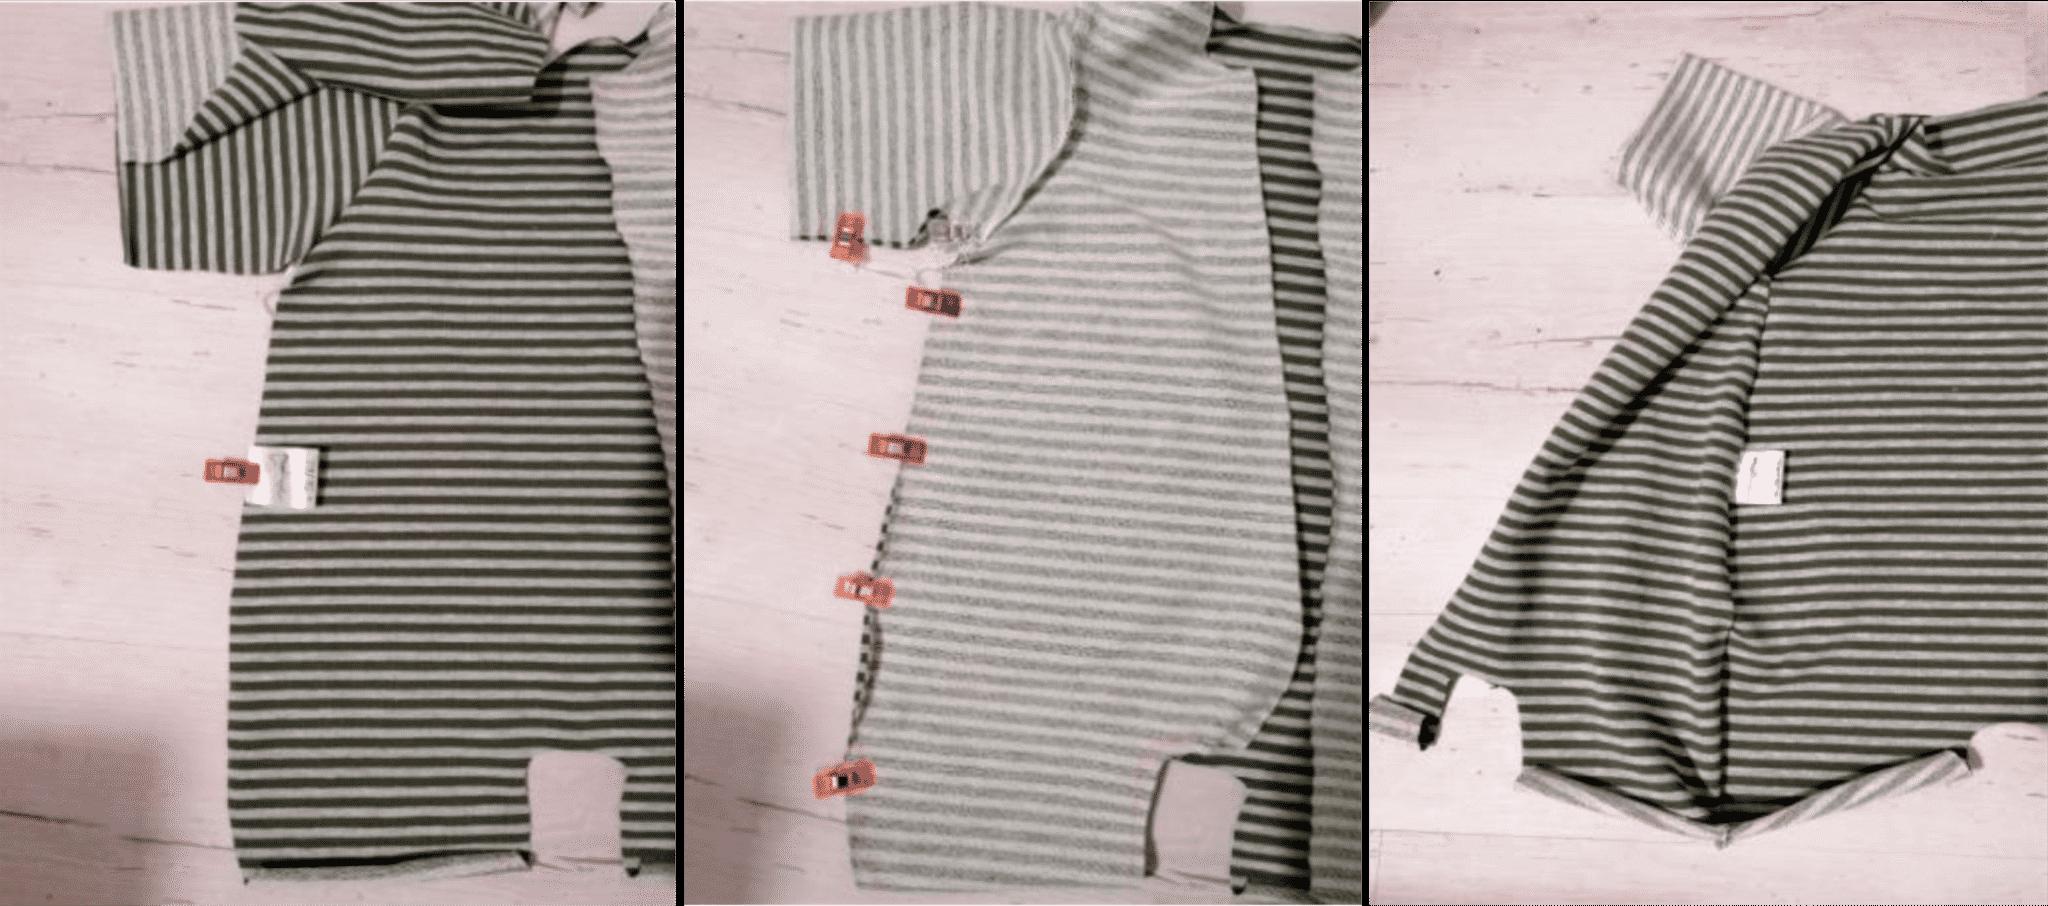 Anleitung zum Einnähen von Textiletiketten Anleitung Bild 3